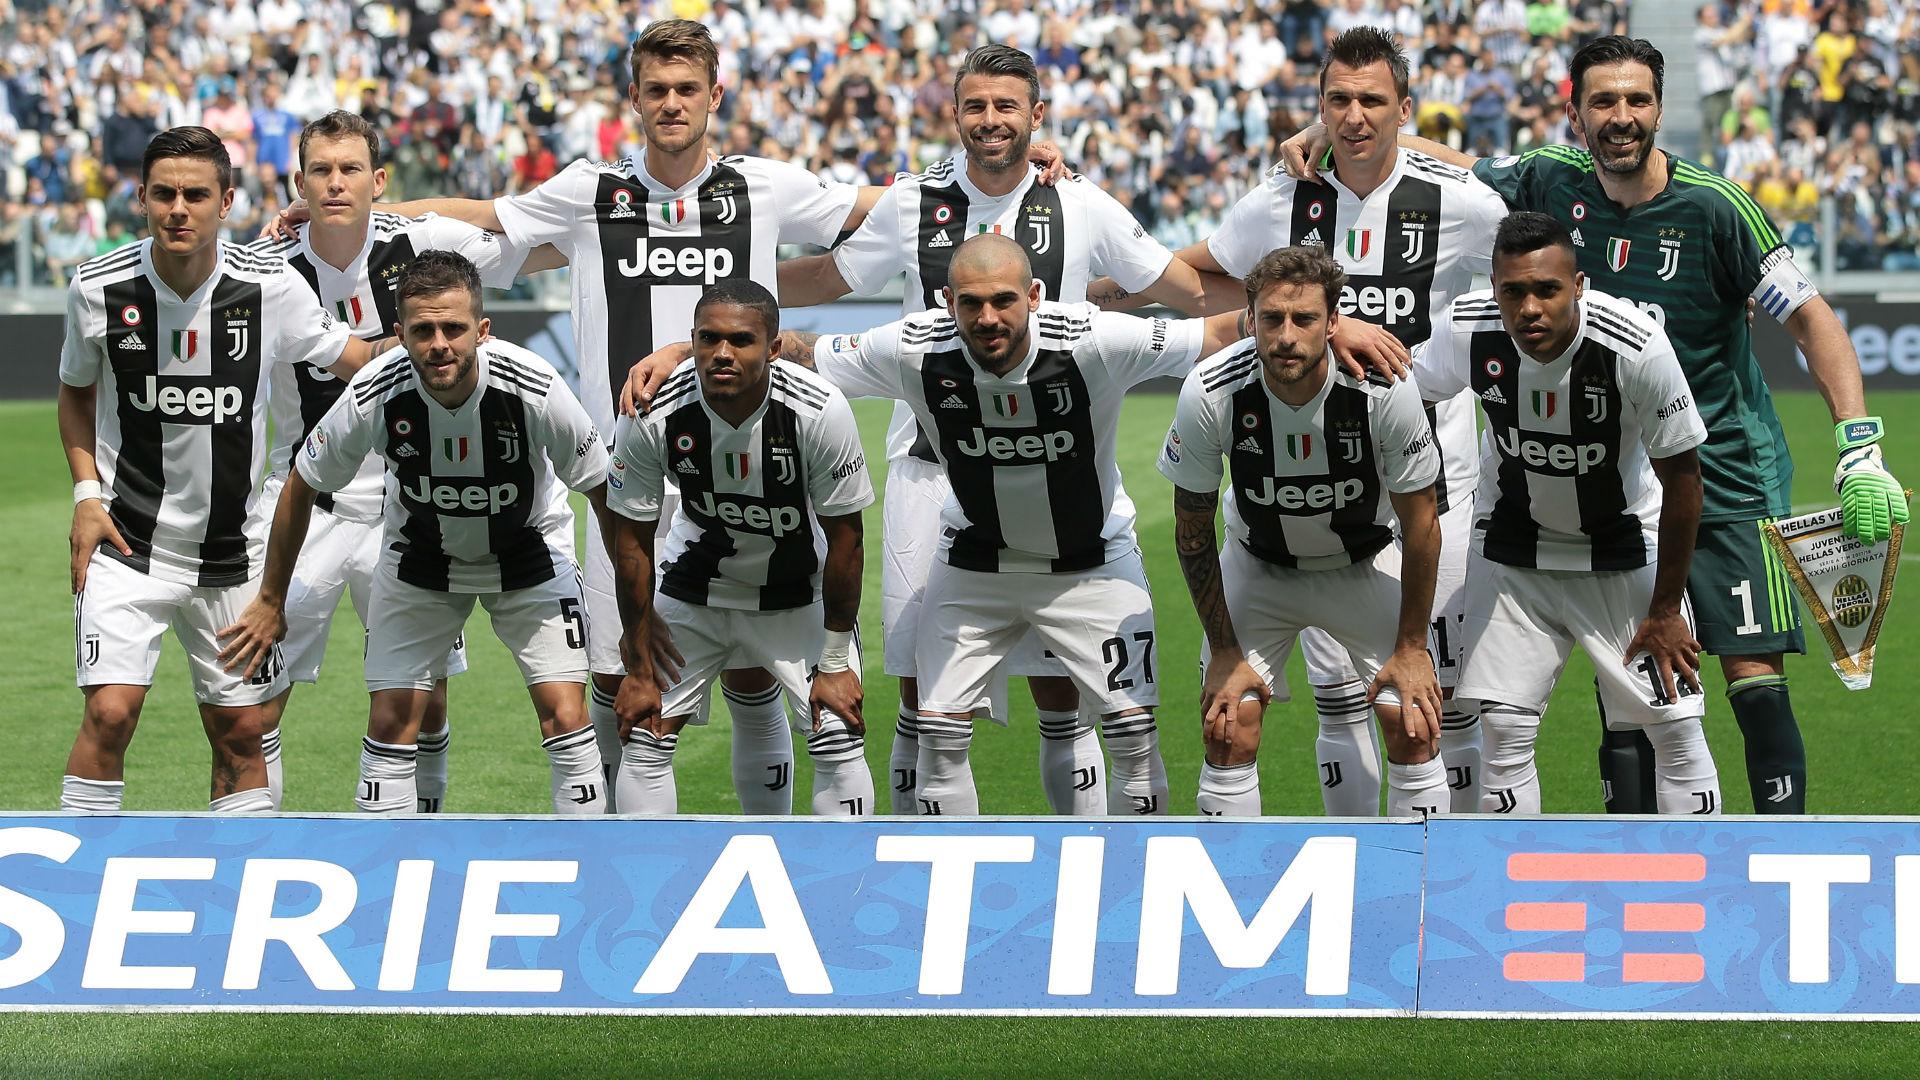 Juventus Tv chiude i battenti: diventerà solo un canale web